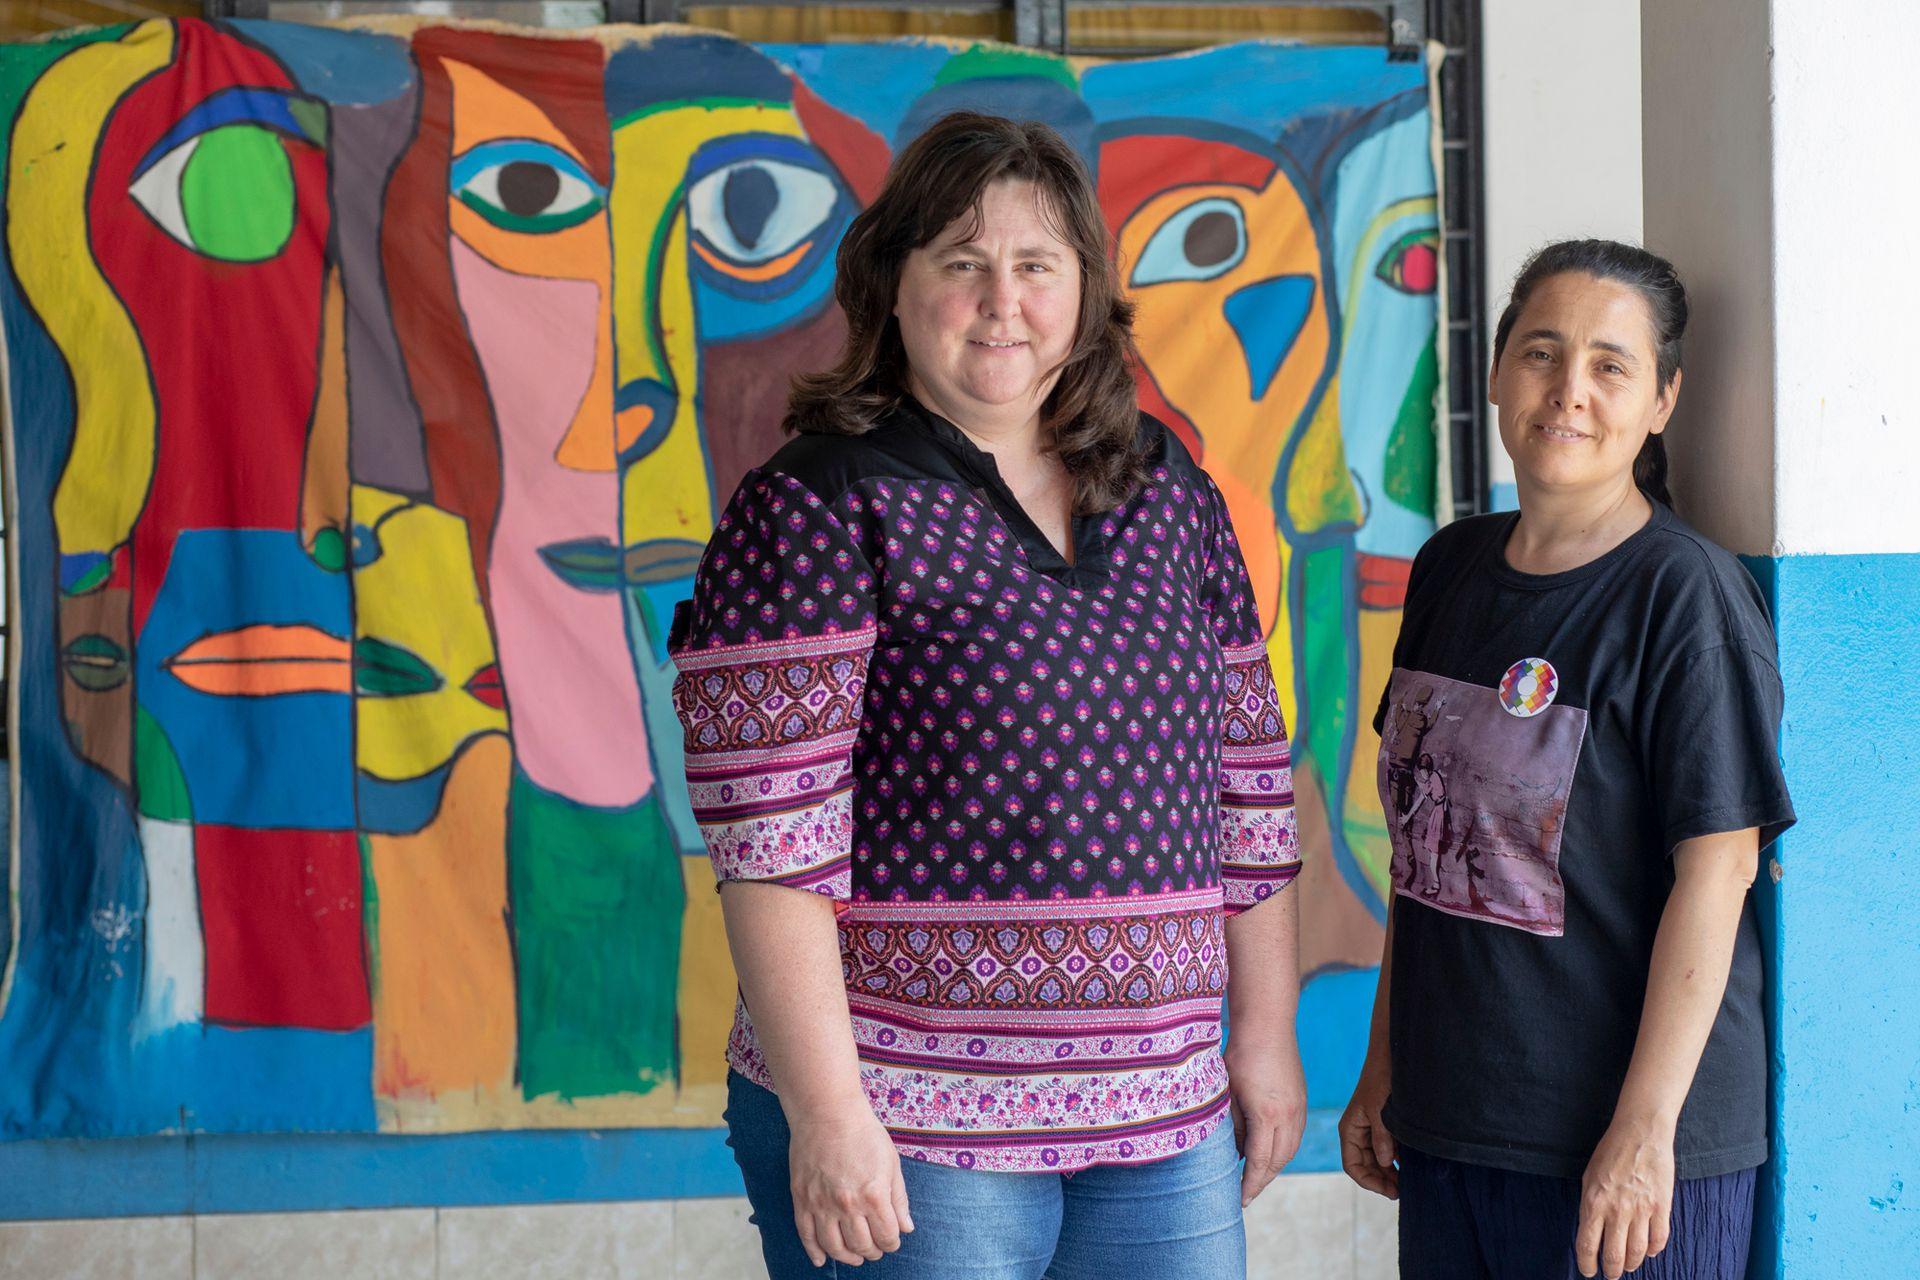 Mariela Poletti y Paola Quiroga, directora y docente de la escuela secundaria N°10, ubicada en el predio del Sommer